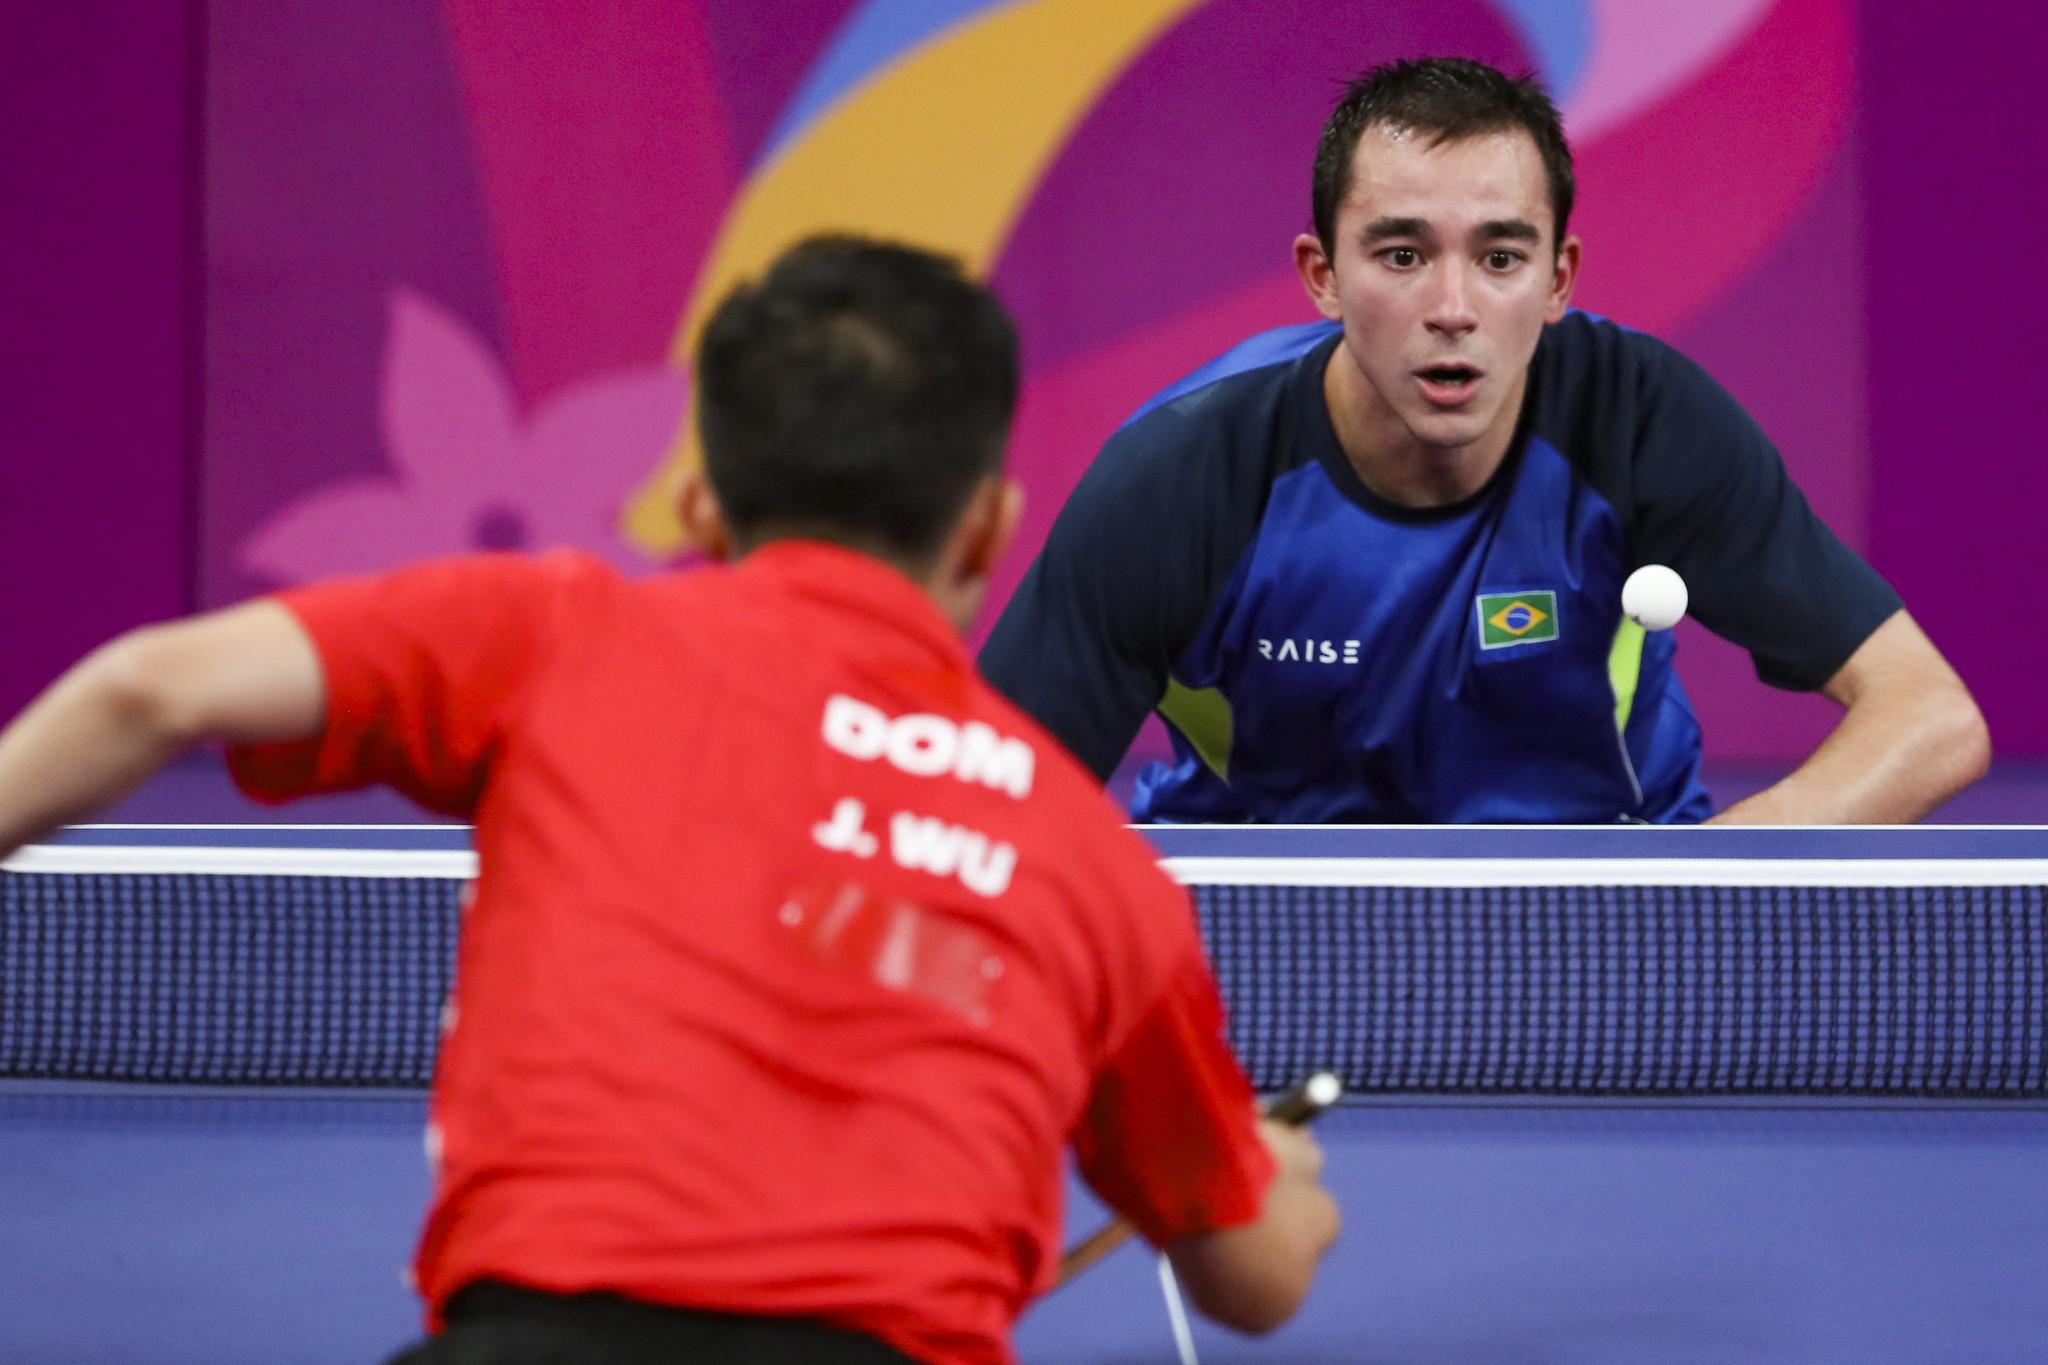 Hugo Calderano garantiu sua vaga individual em Tóquio-2020 com o ouro no Pan (Crédito: ITTF/Divulgação)